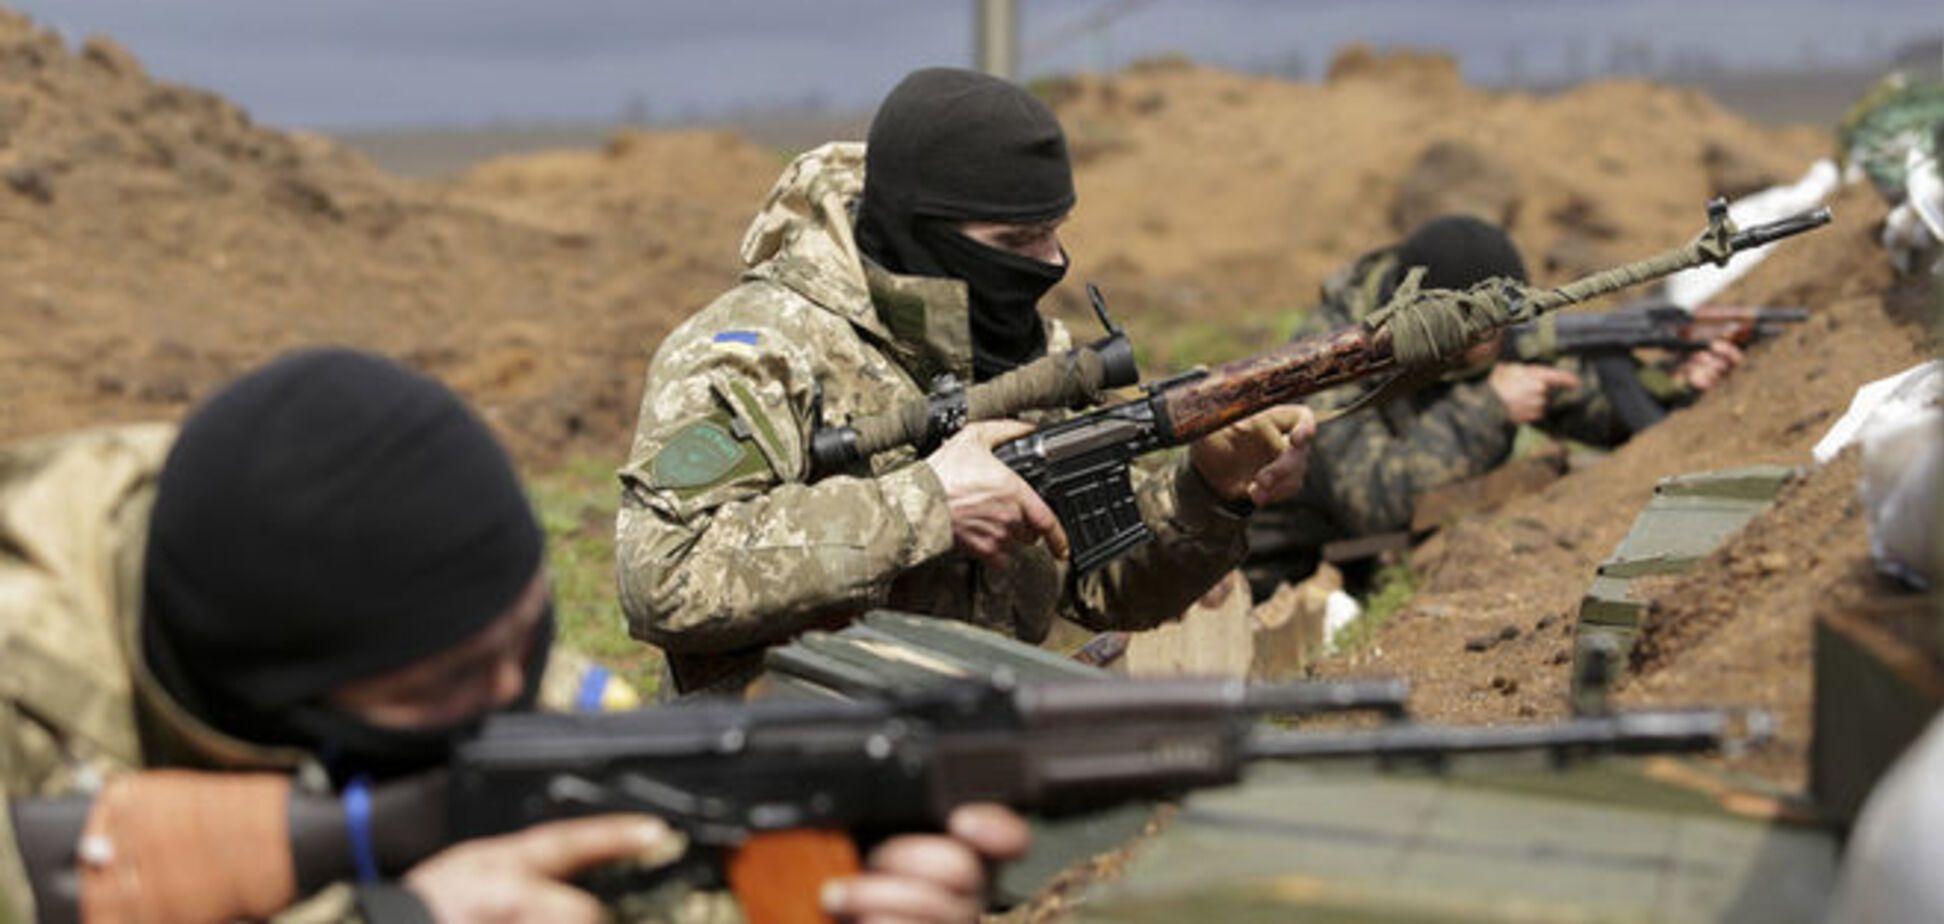 Труднощі війни та складнощі мобілізації